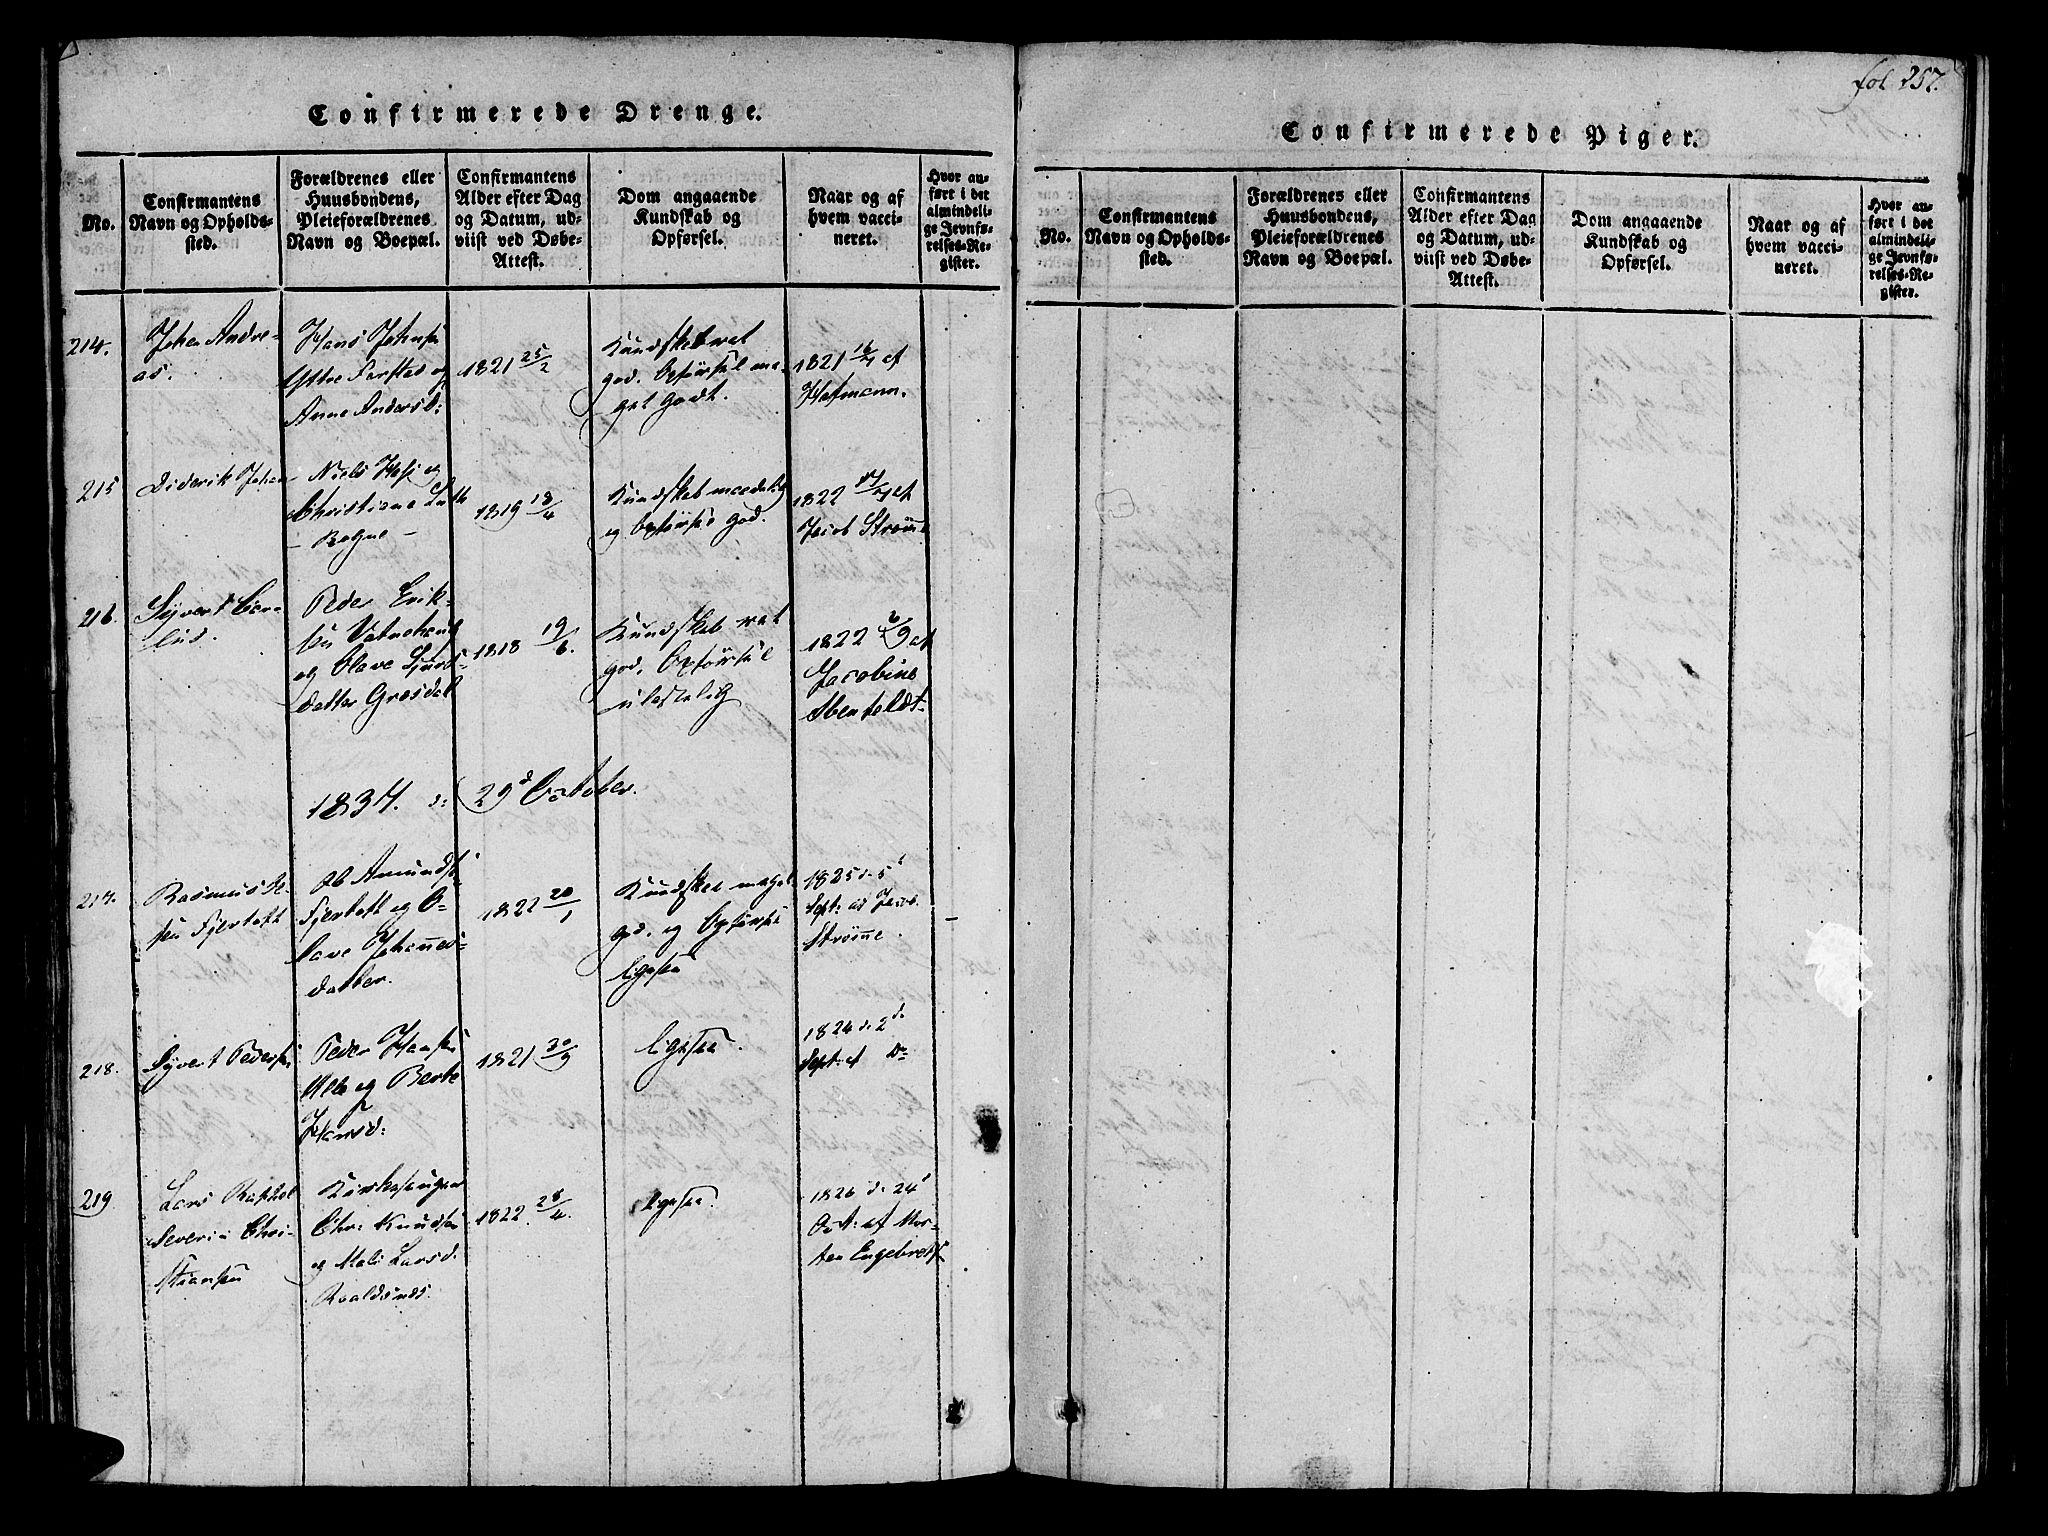 SAT, Ministerialprotokoller, klokkerbøker og fødselsregistre - Møre og Romsdal, 536/L0495: Ministerialbok nr. 536A04, 1818-1847, s. 257